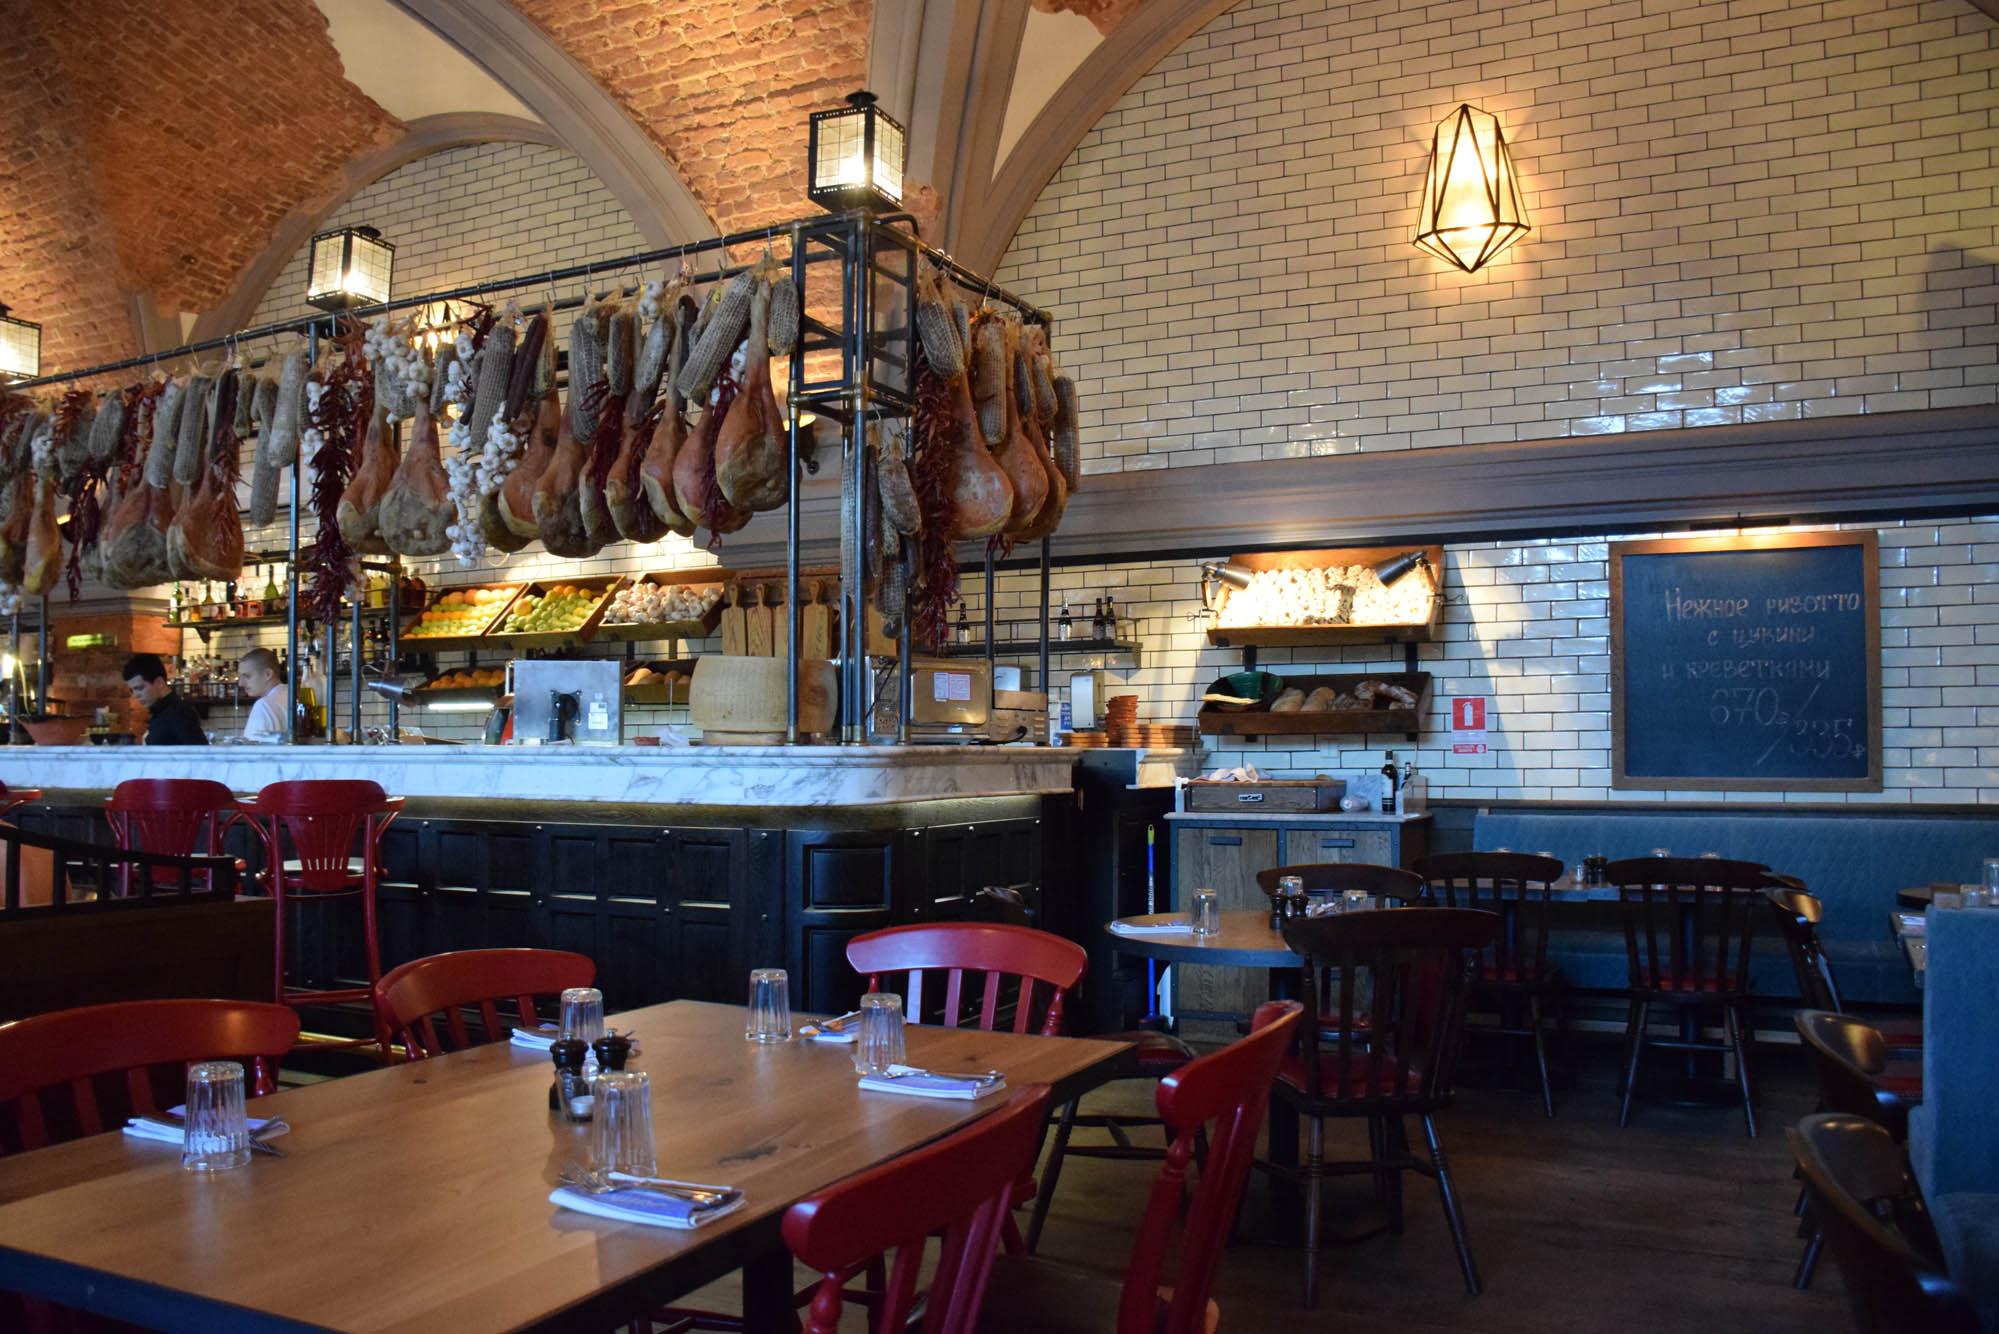 jamies italian restaurante sao petersburgo dicas da russia onde comer 01